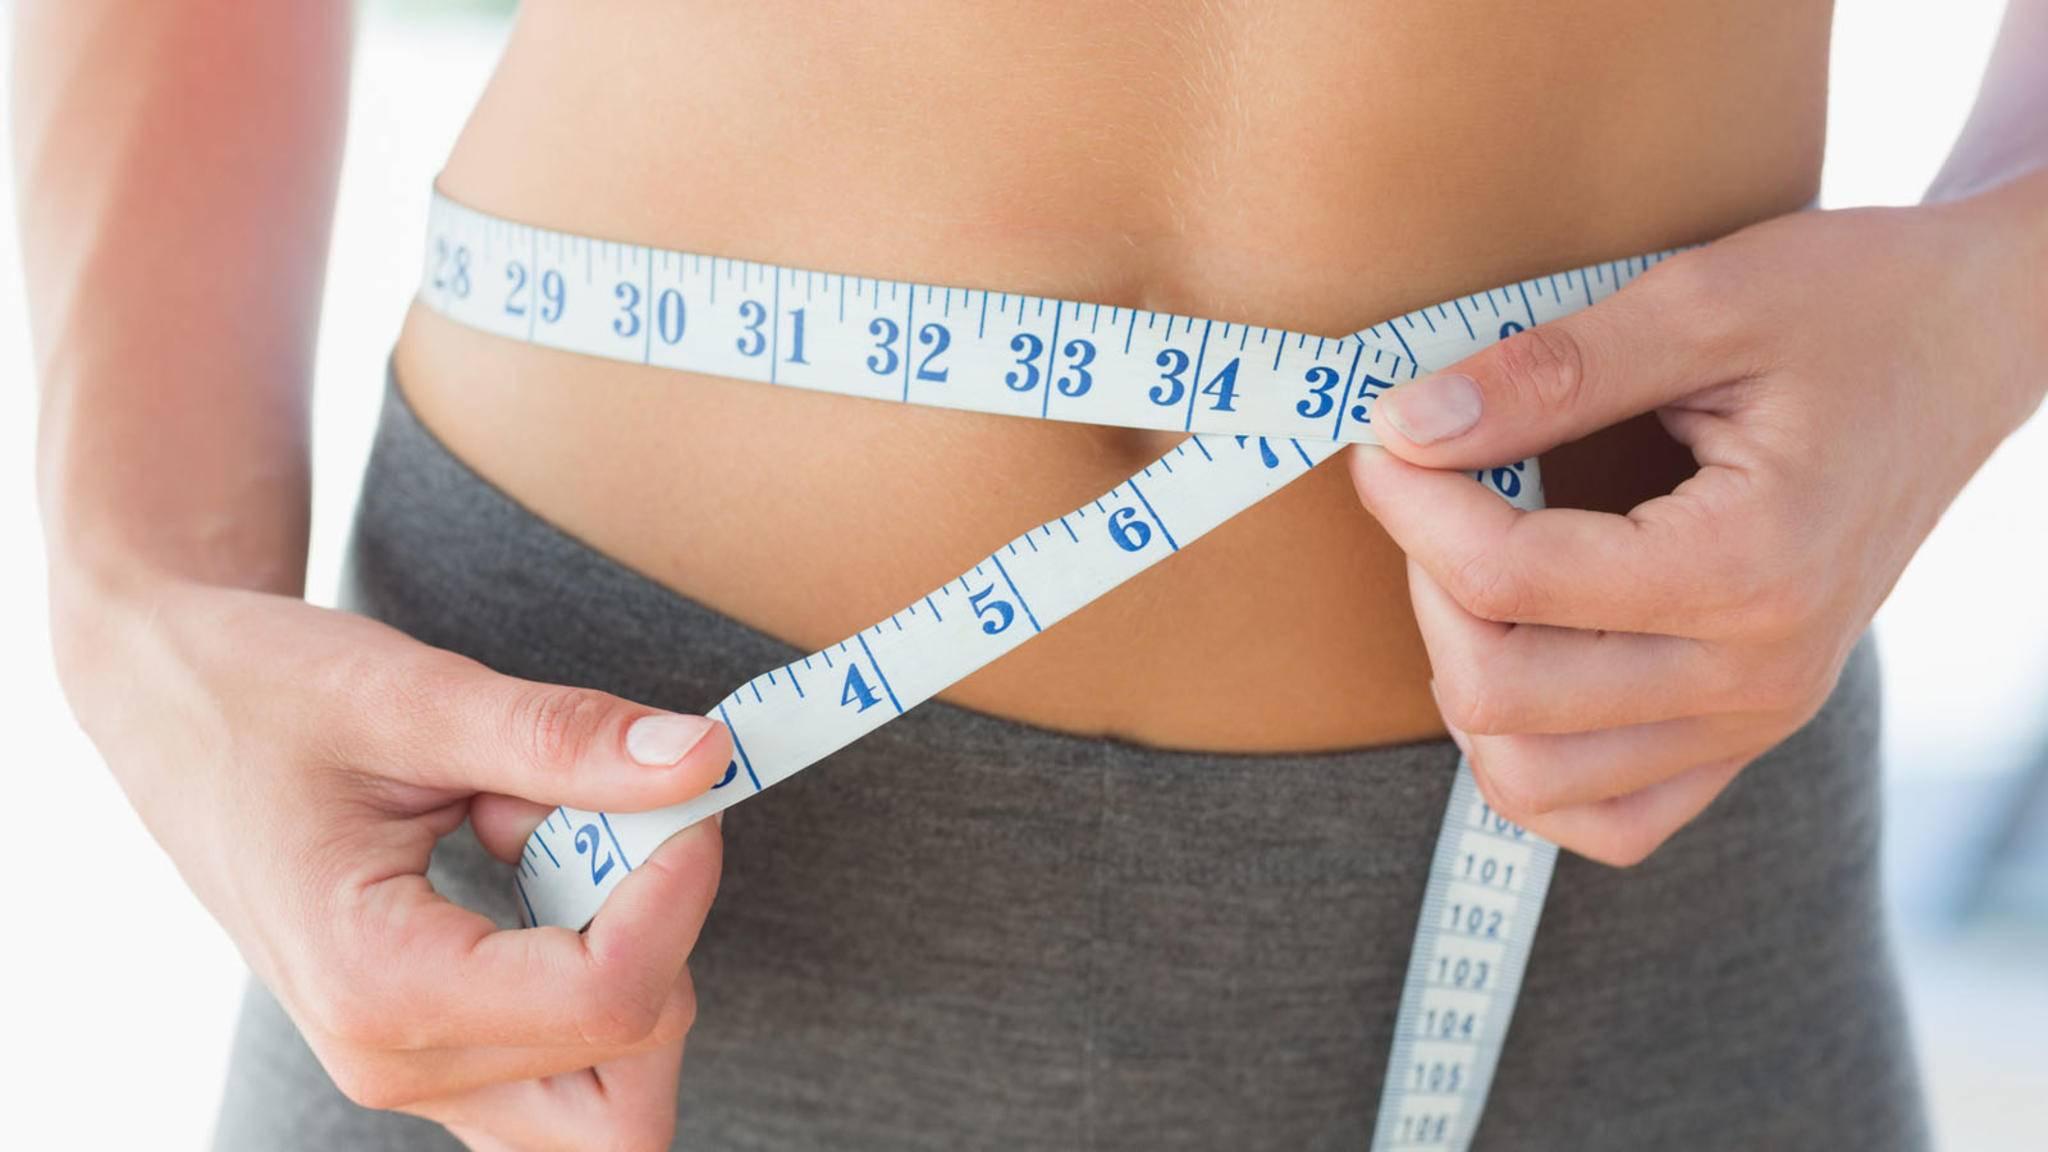 Vorschläge hinsichtlich der Kleidergröße? Geht gar nicht, finden viele Asos-Kunden